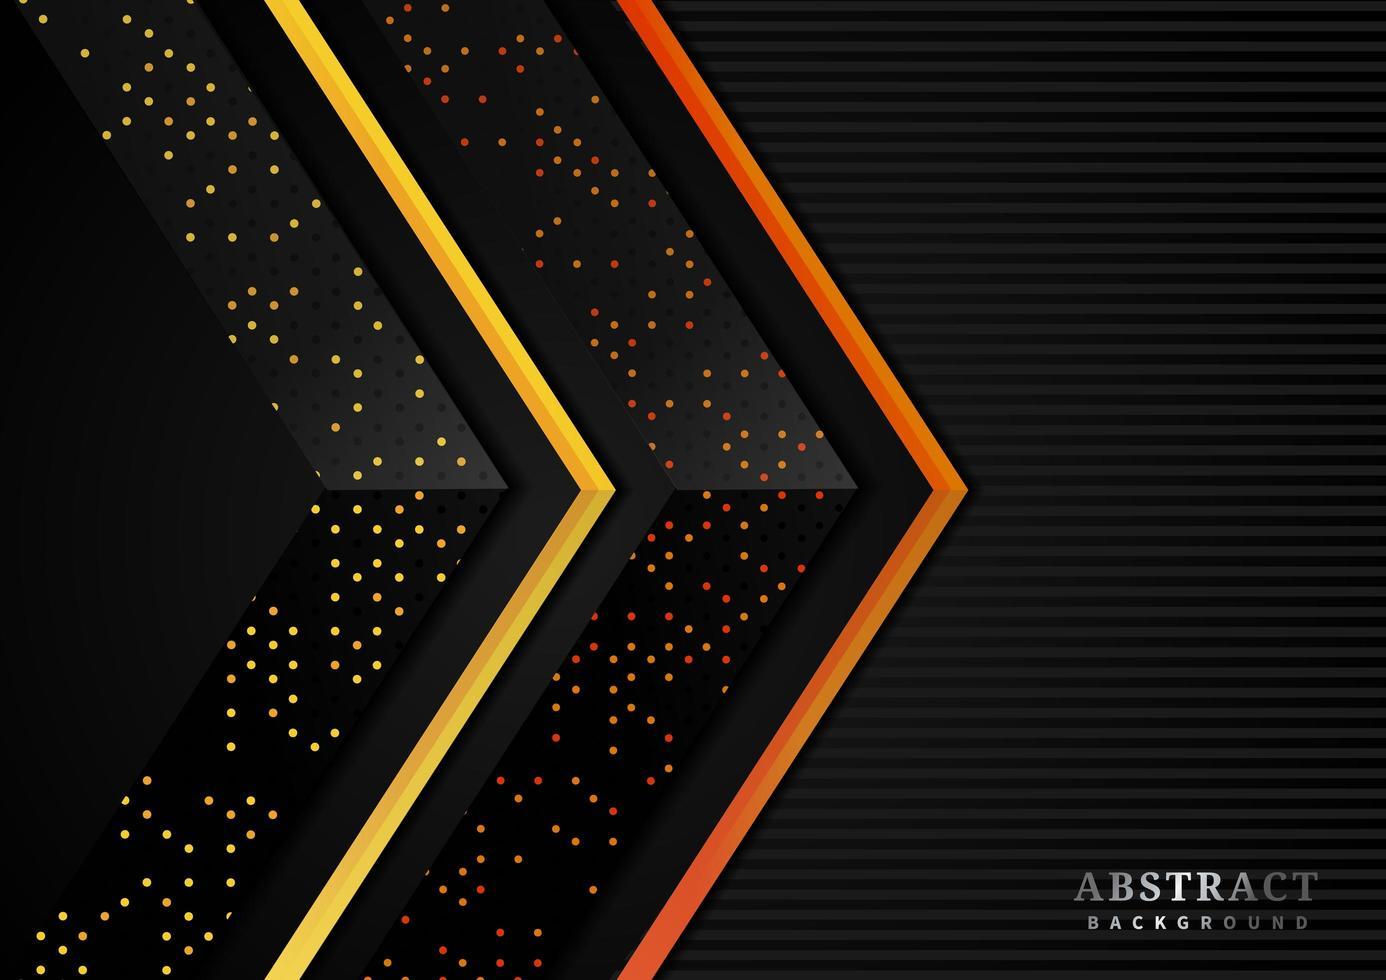 orange och guld prickar pil bakgrund vektor